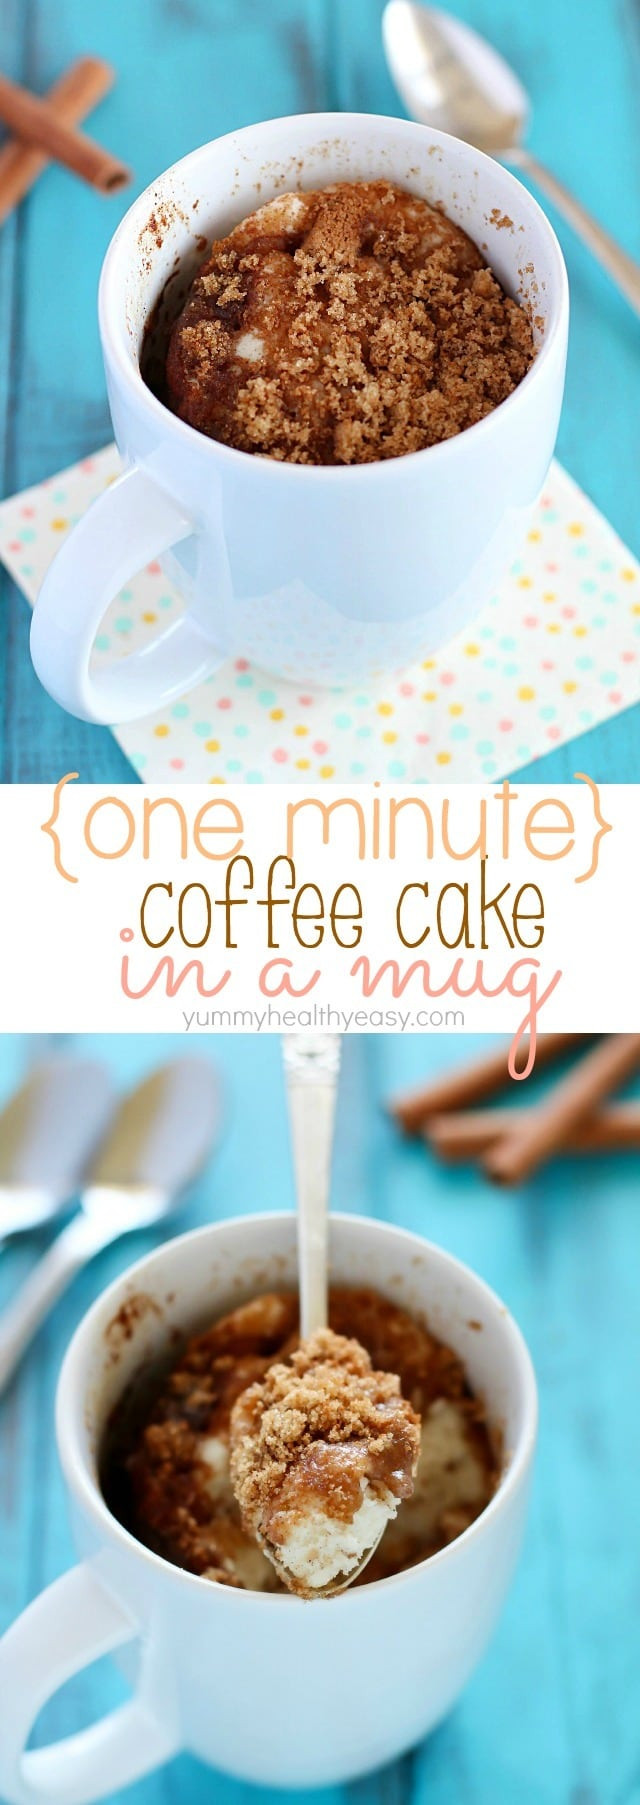 Coffee Cake In A Mug  e Minute Coffee Cake in a Mug Yummy Healthy Easy